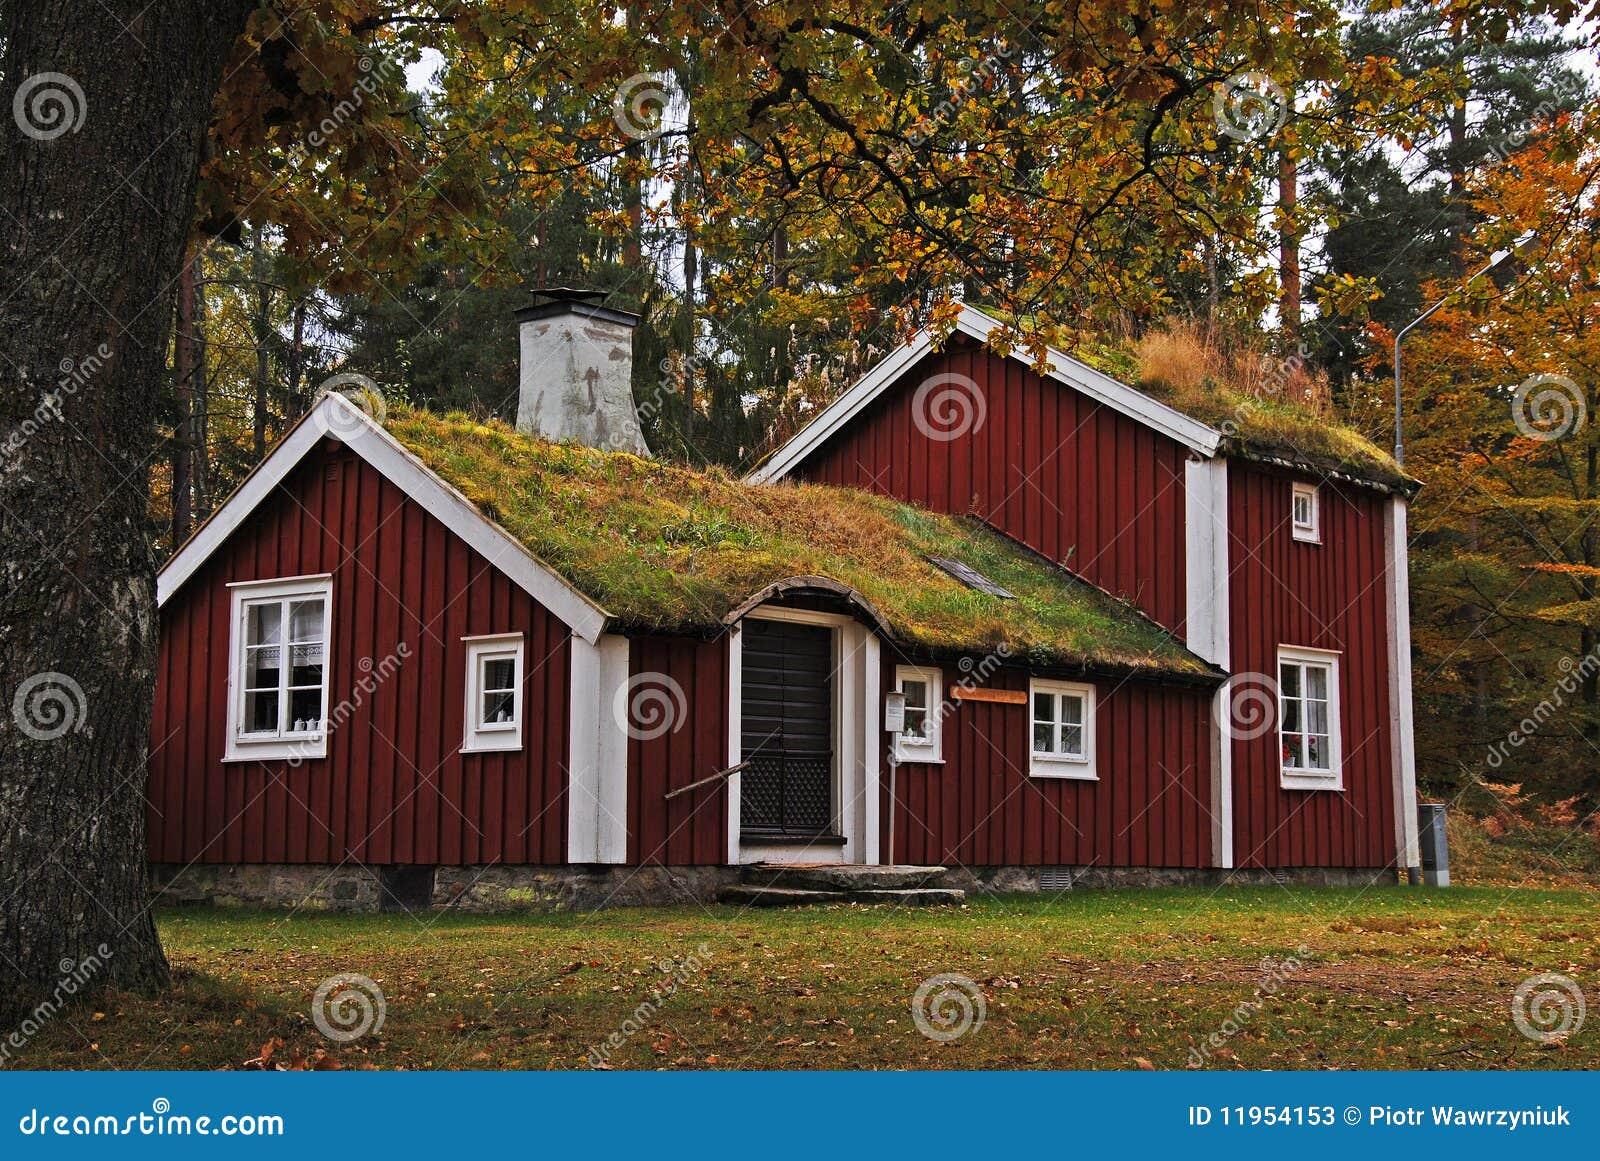 altes schwedisches haus stockbild. bild von jahreszeit - 11954153